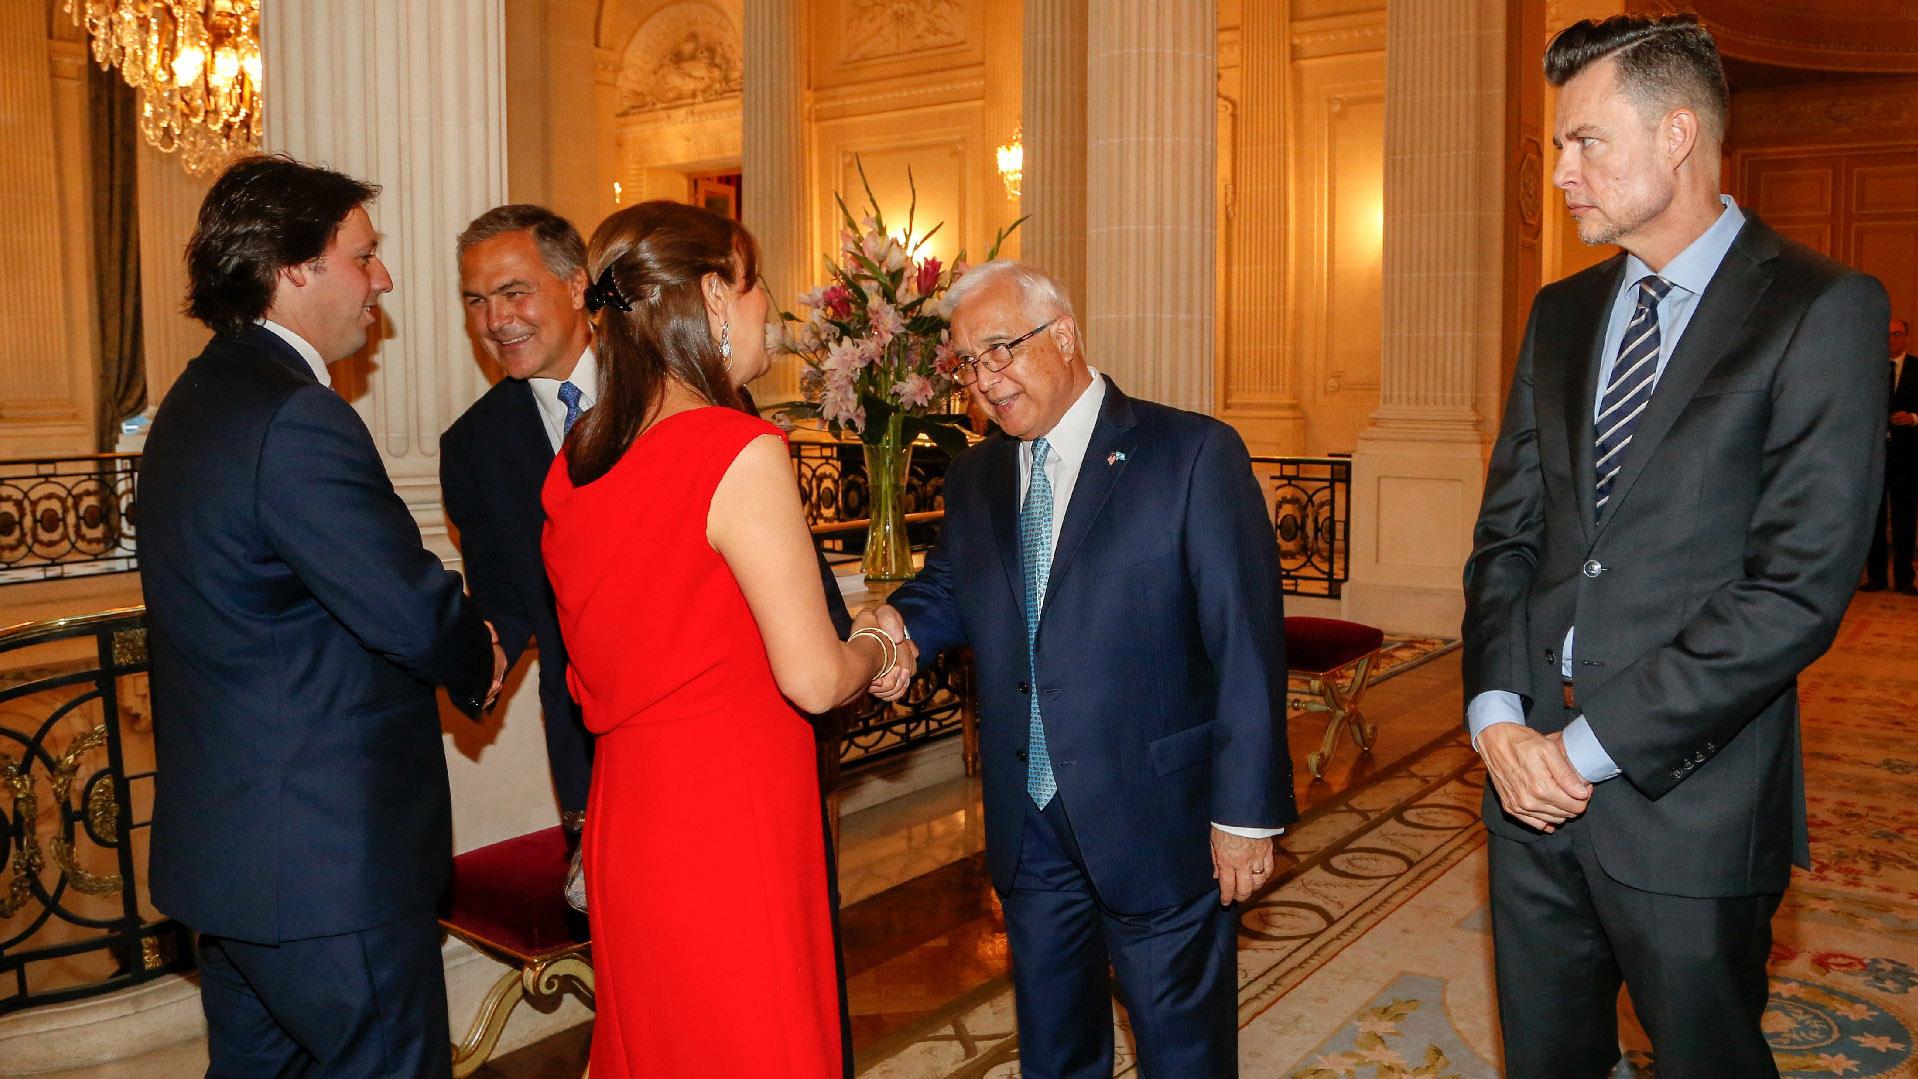 El embajador de los Estados Unidos en la Argentina, Edward C. Prado, acompañado por el presidente saliente de la AmCham Argentina, Manuel Aguirre, recibió a los invitados a la recepción de fin de año de la AmCham